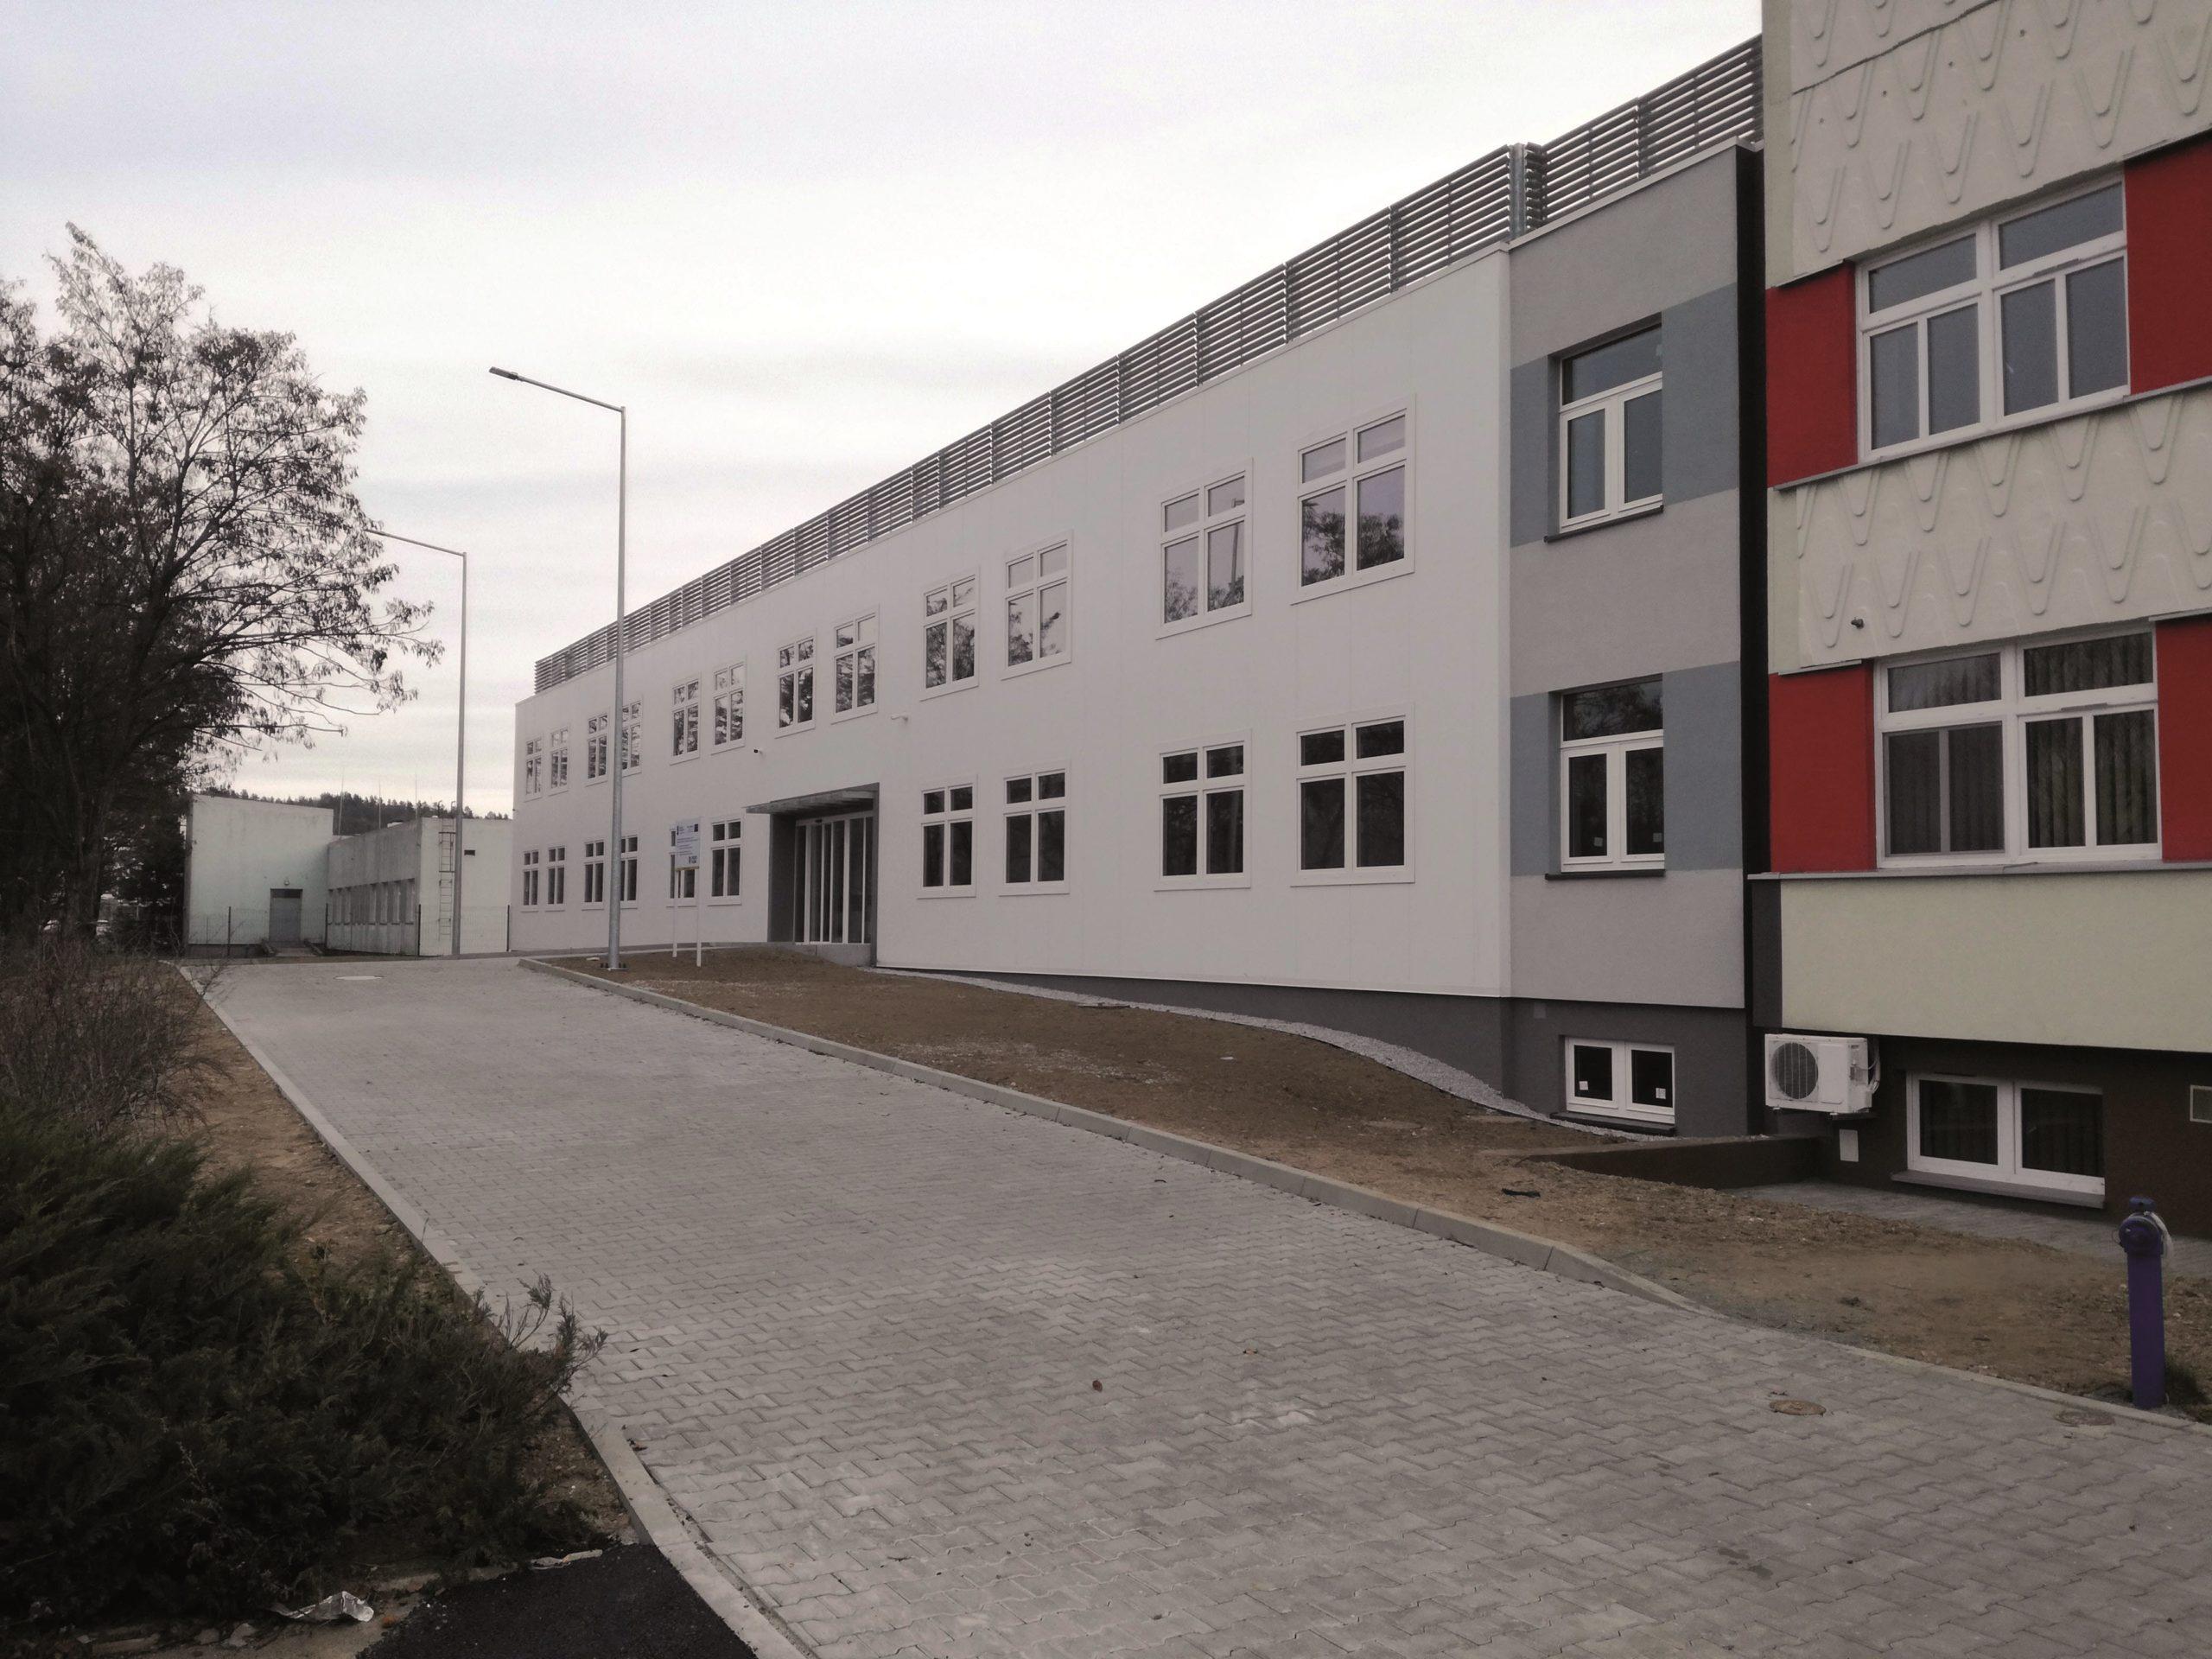 Wojewódzkie Centrum Szpitalne Kotliny Jeleniogórskiej